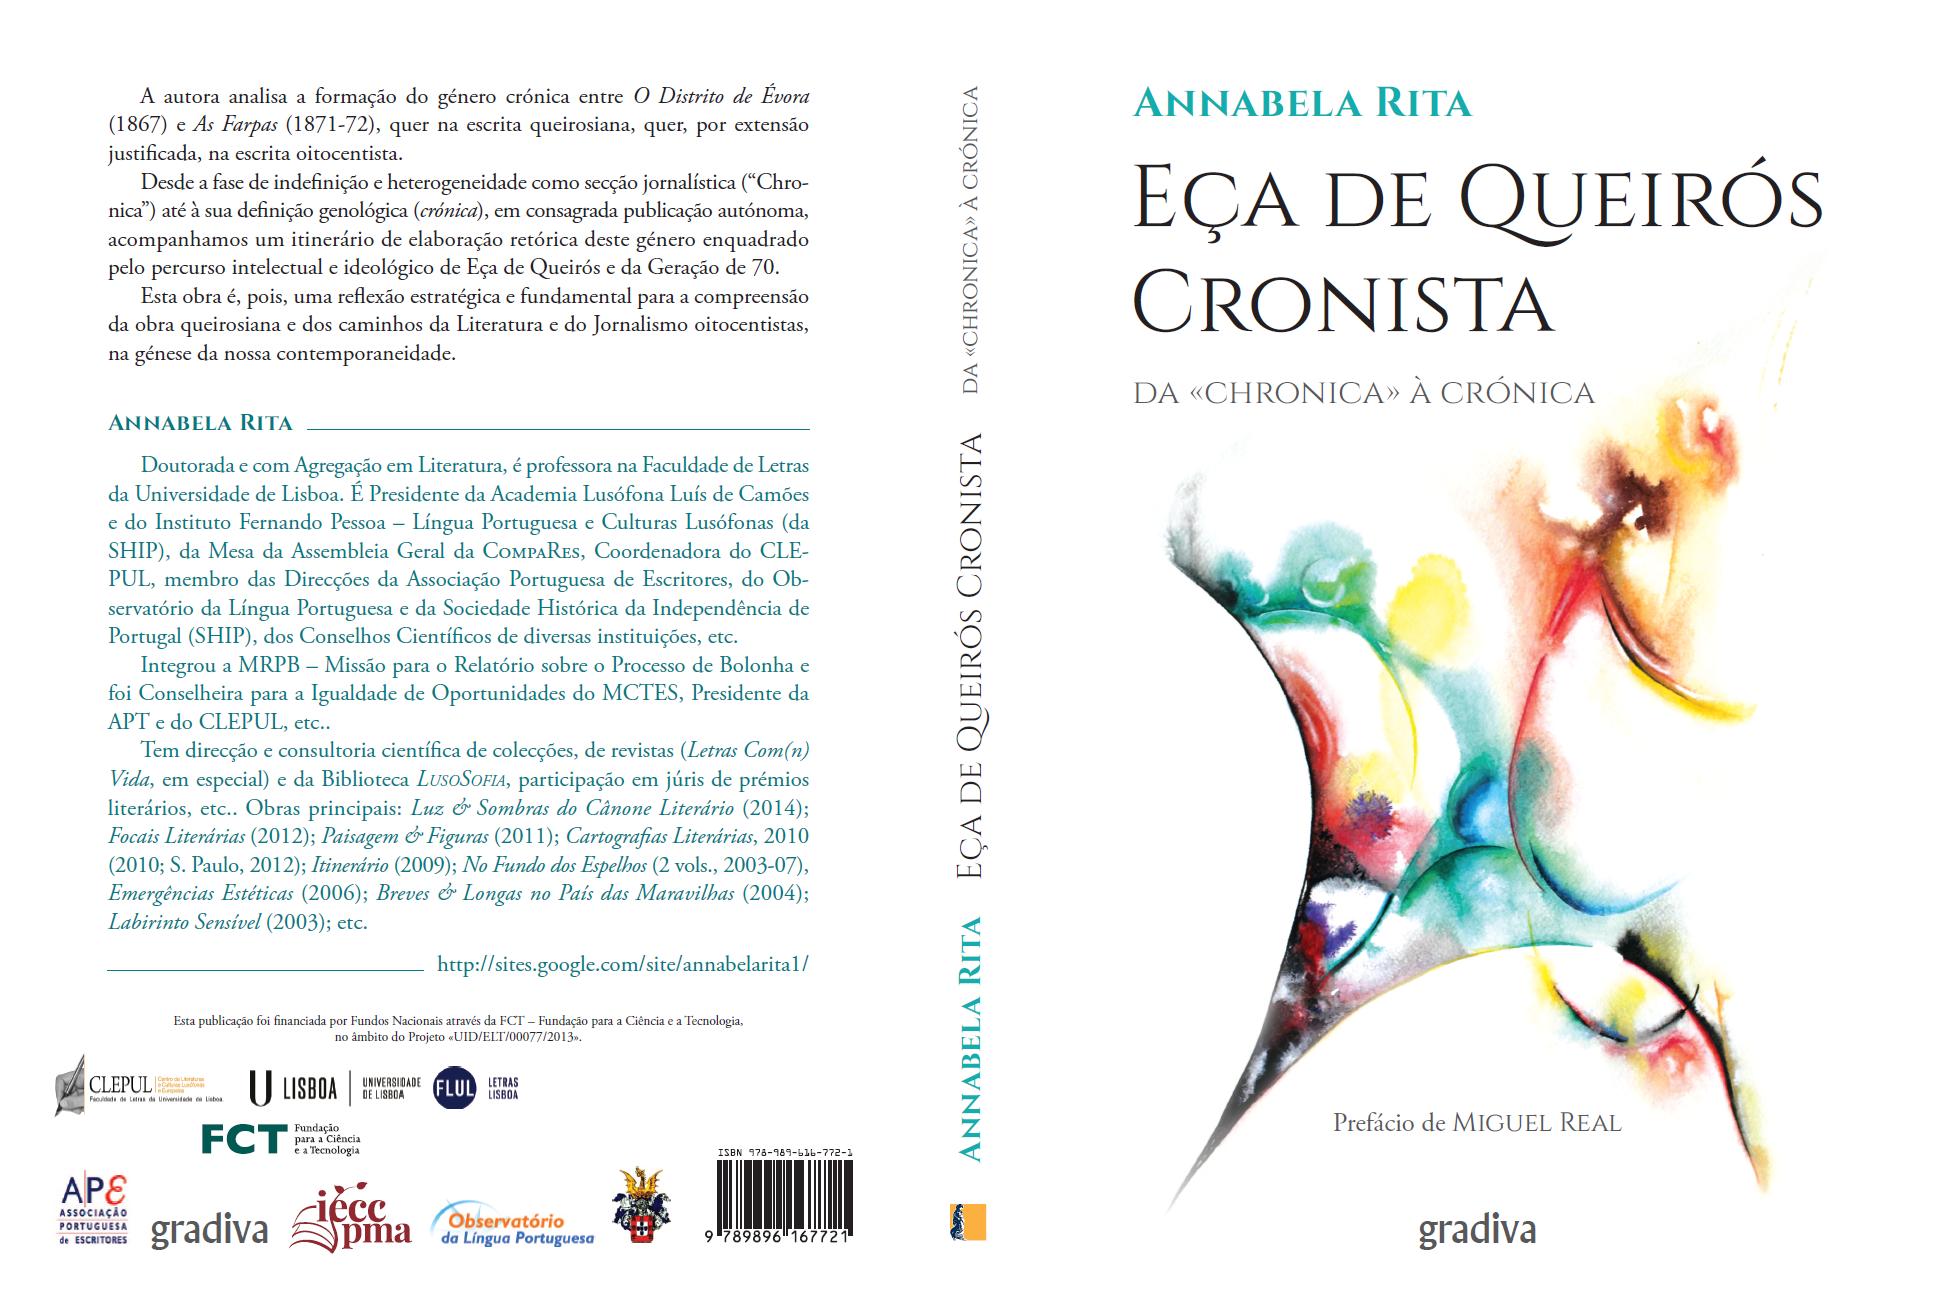 Annabela Rita Eça de Queirós Cronista